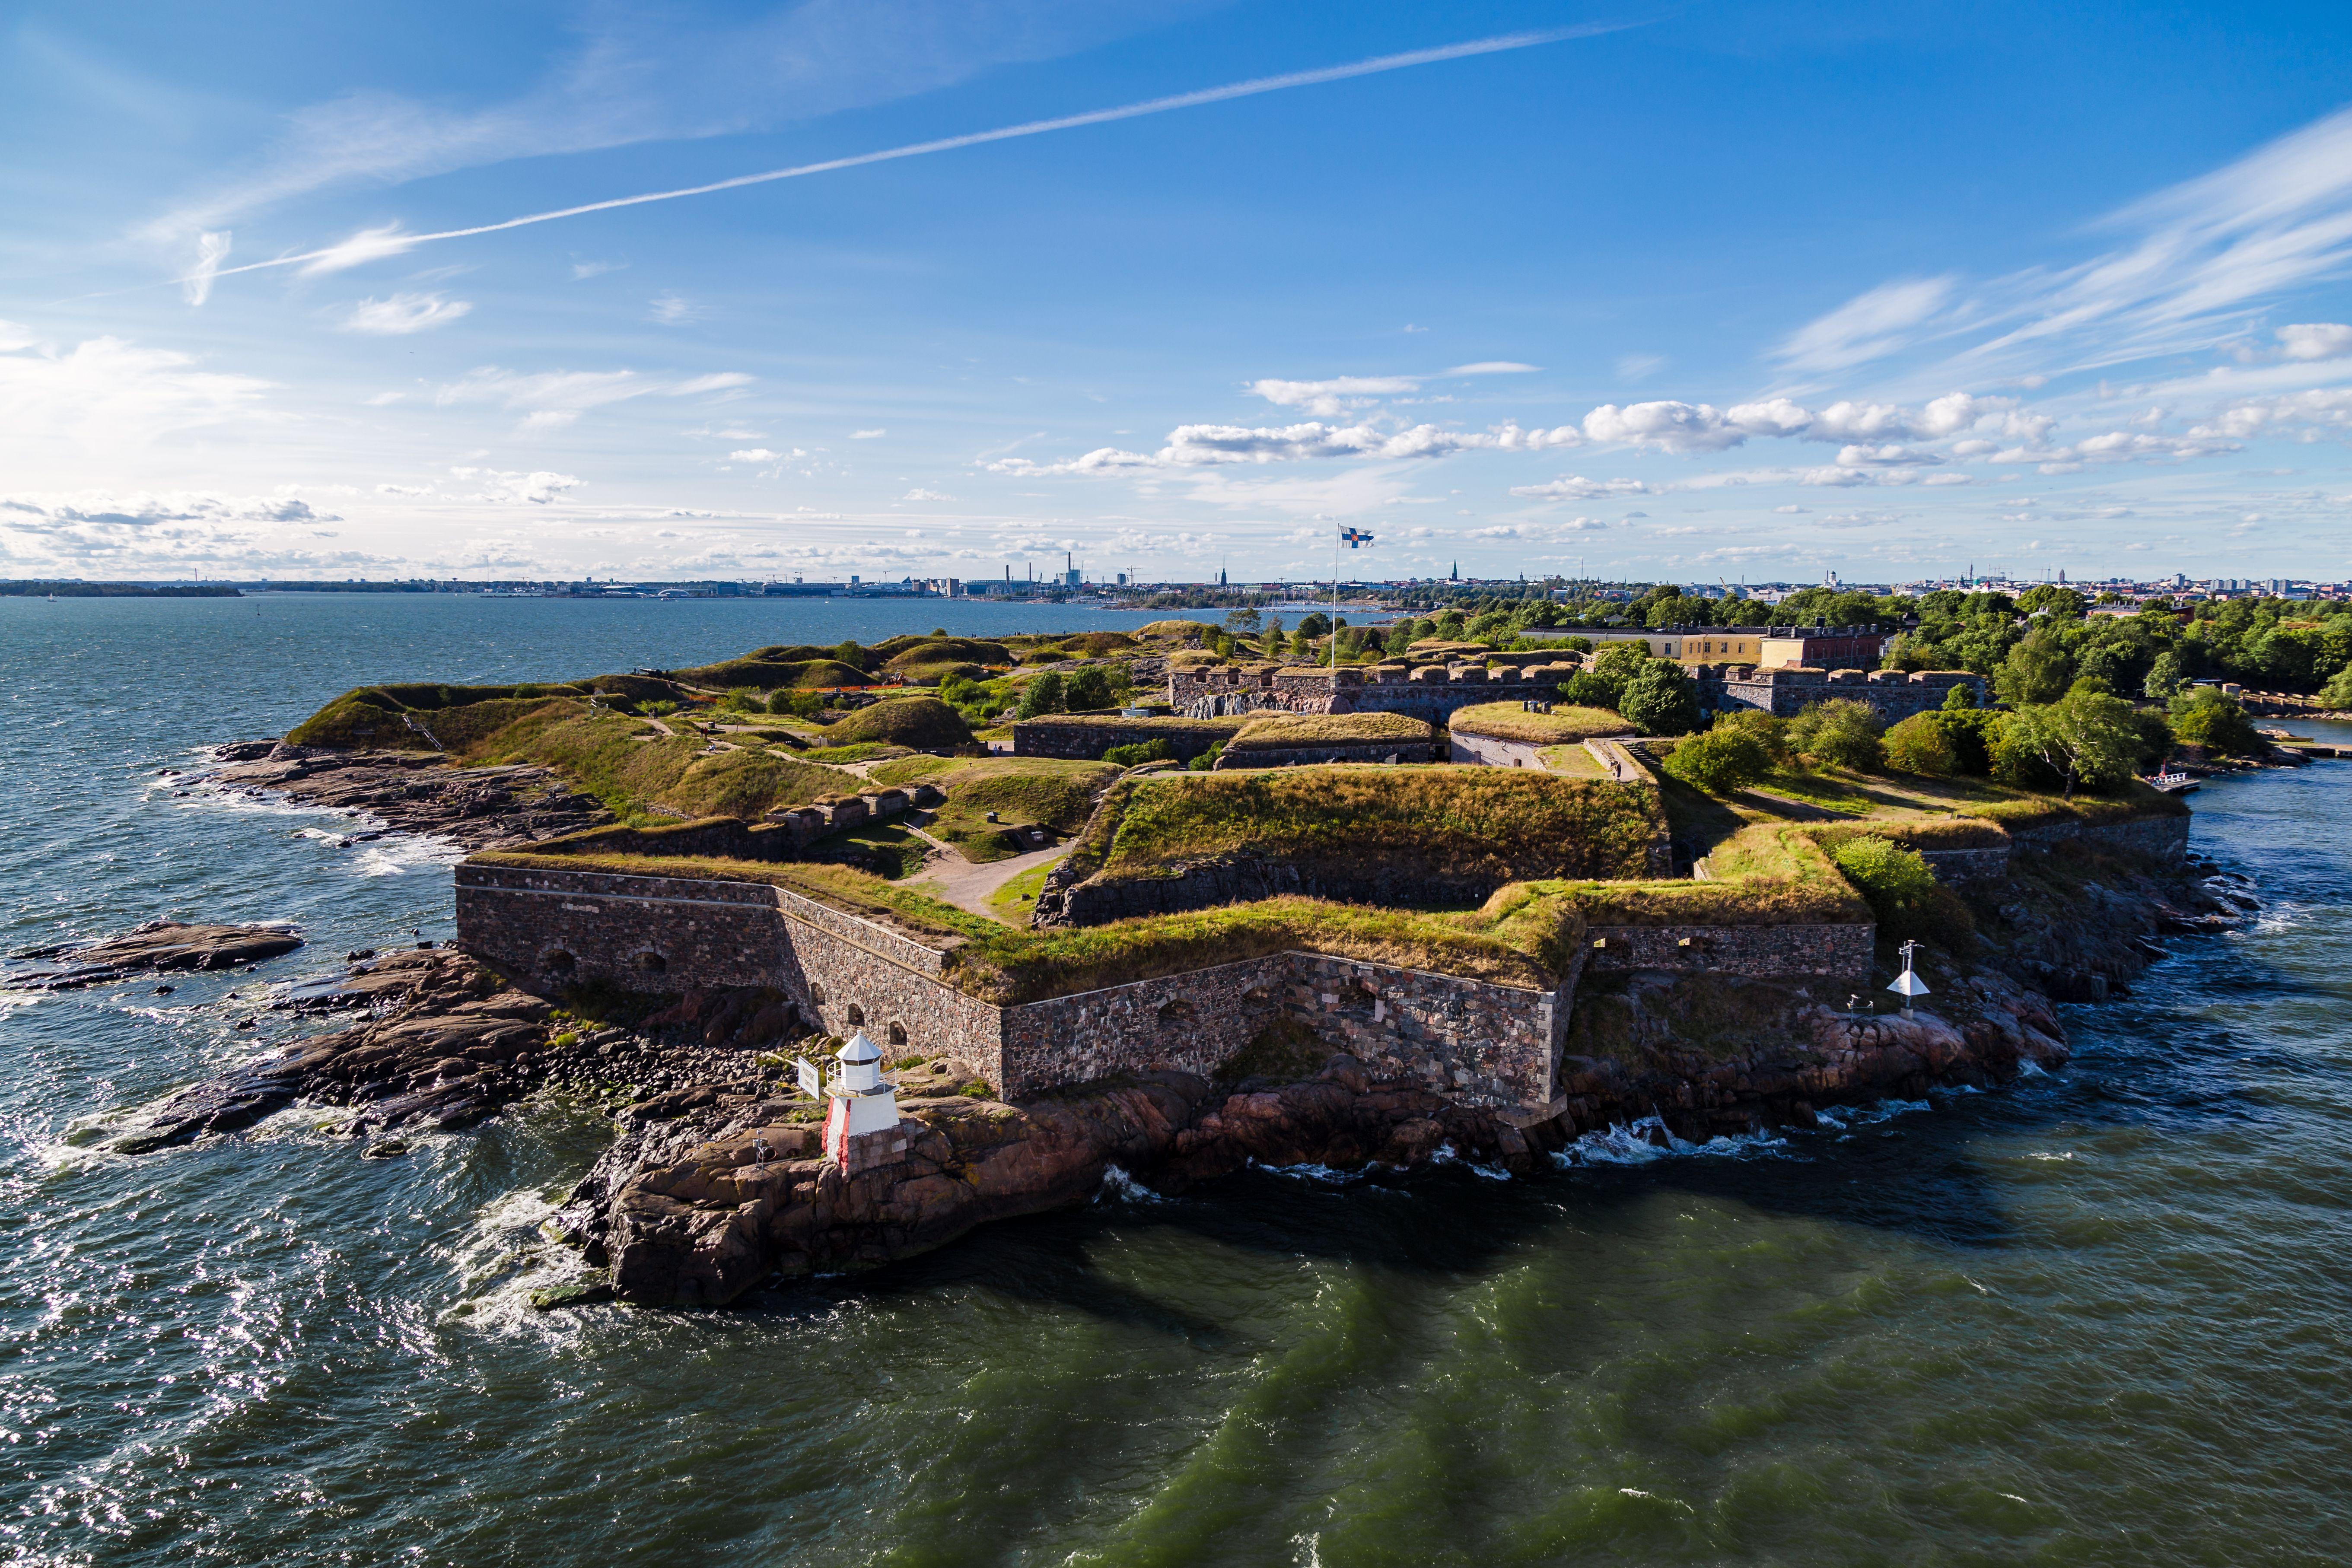 Island in Helsinki